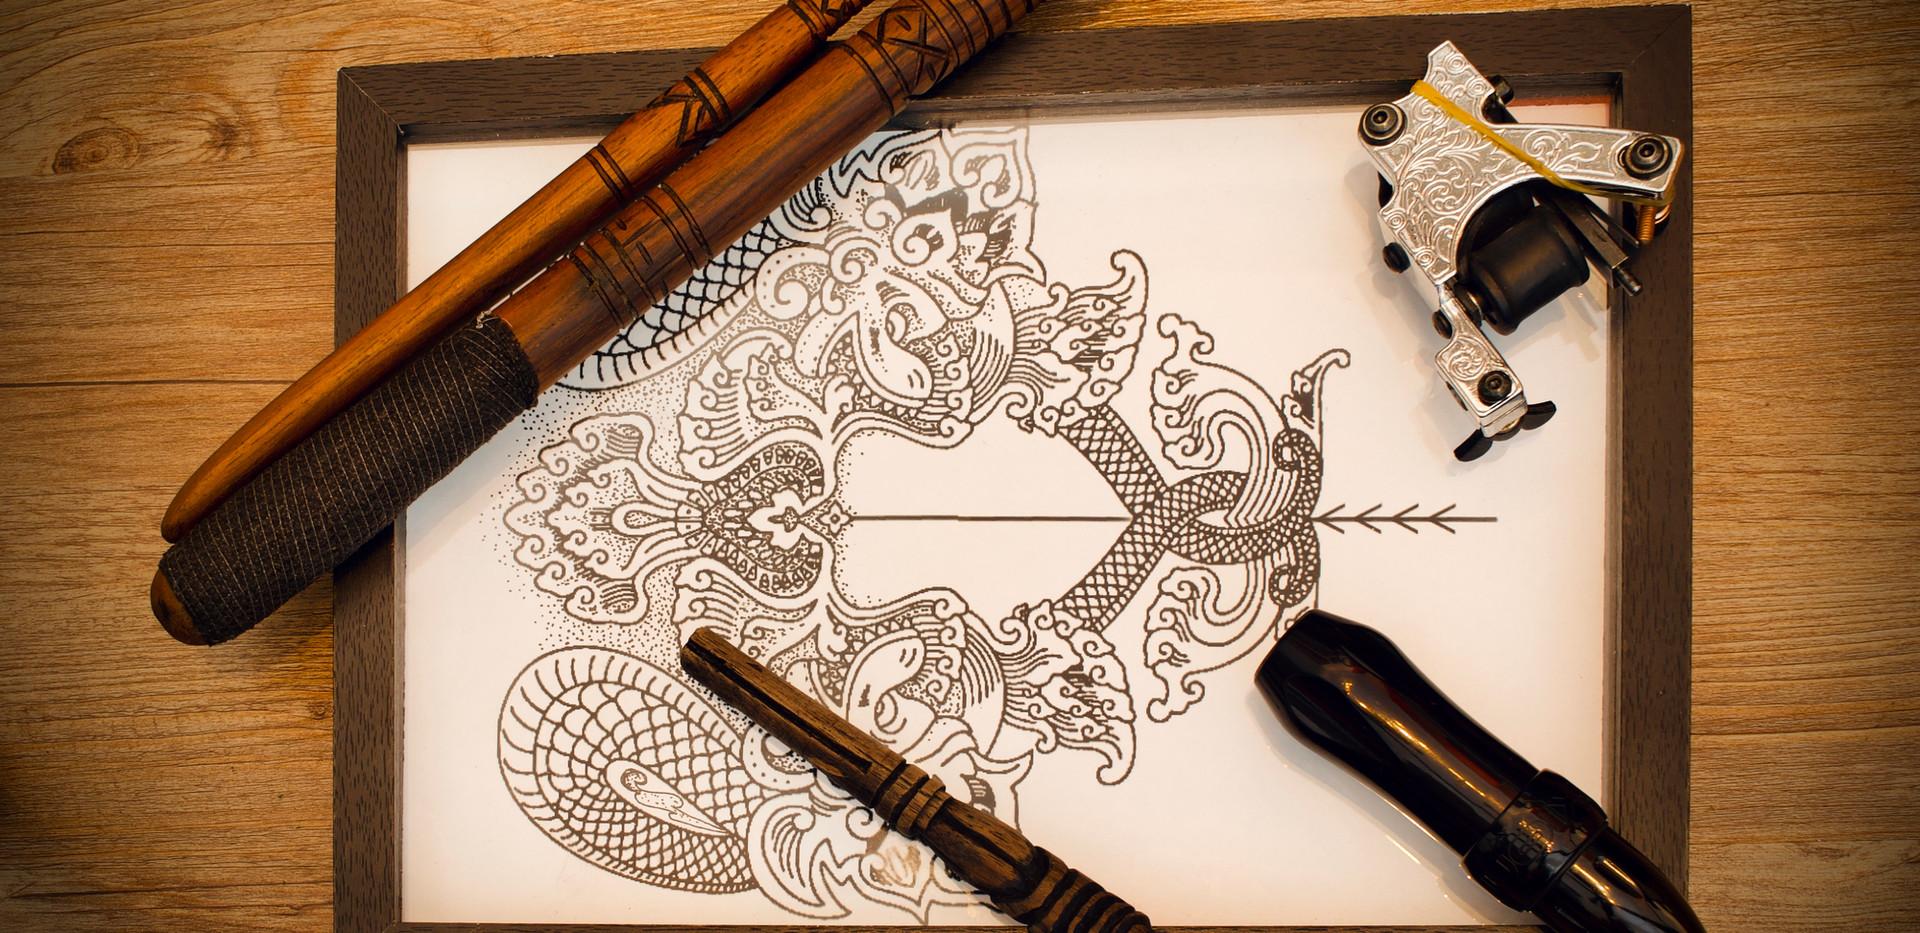 Tattoo-tools.jpg